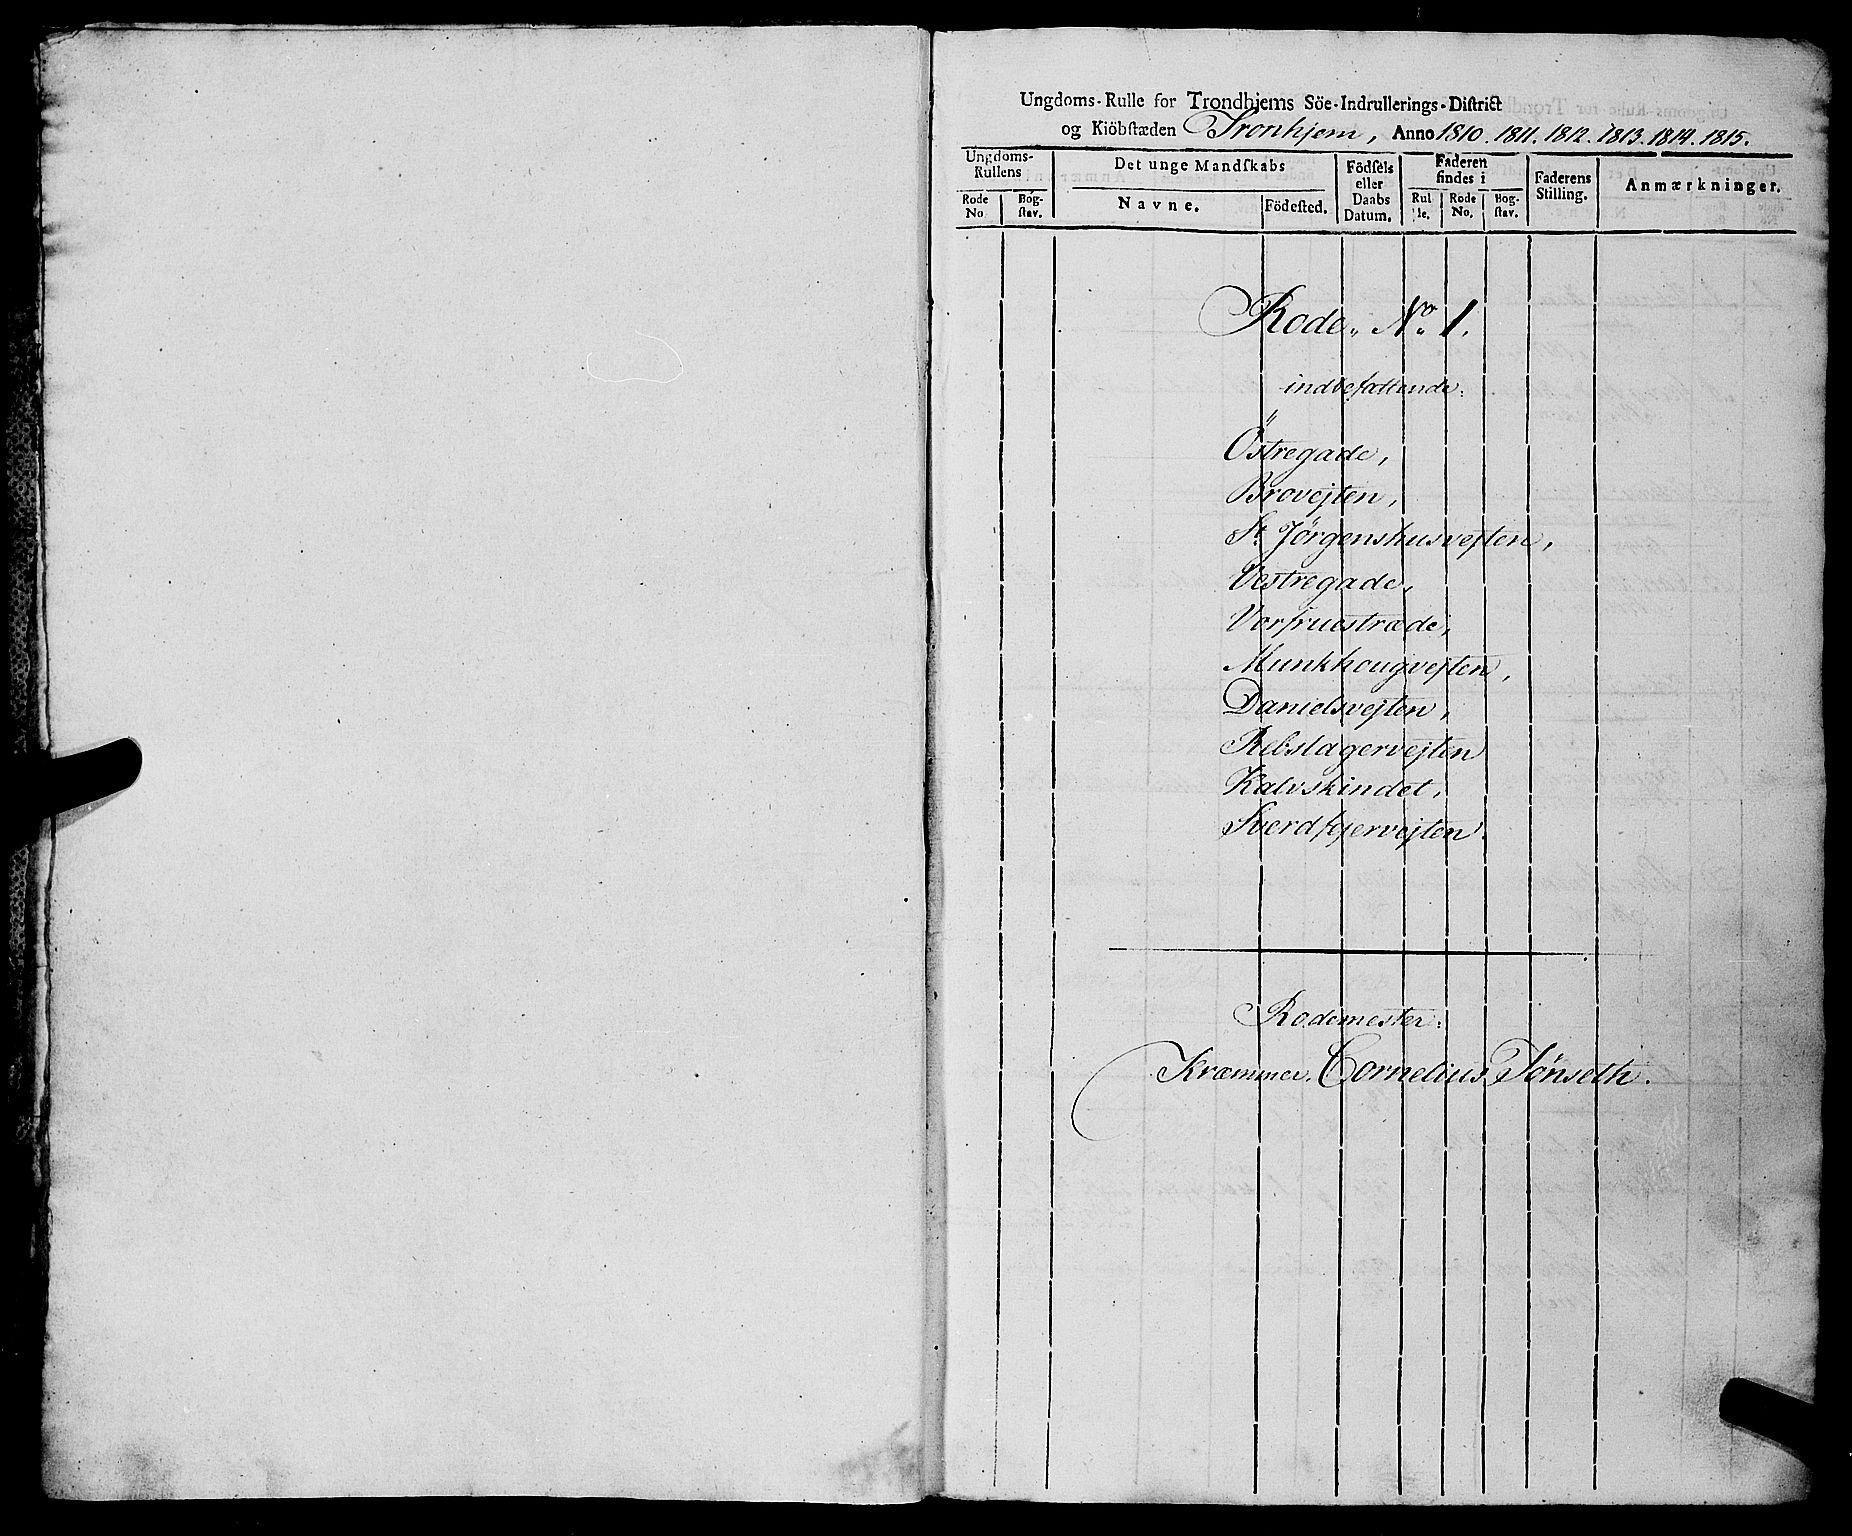 SAT, Sjøinnrulleringen - Trondhjemske distrikt, 01/L0019: Rulle over Trondhjem distrikt, 1810-1815